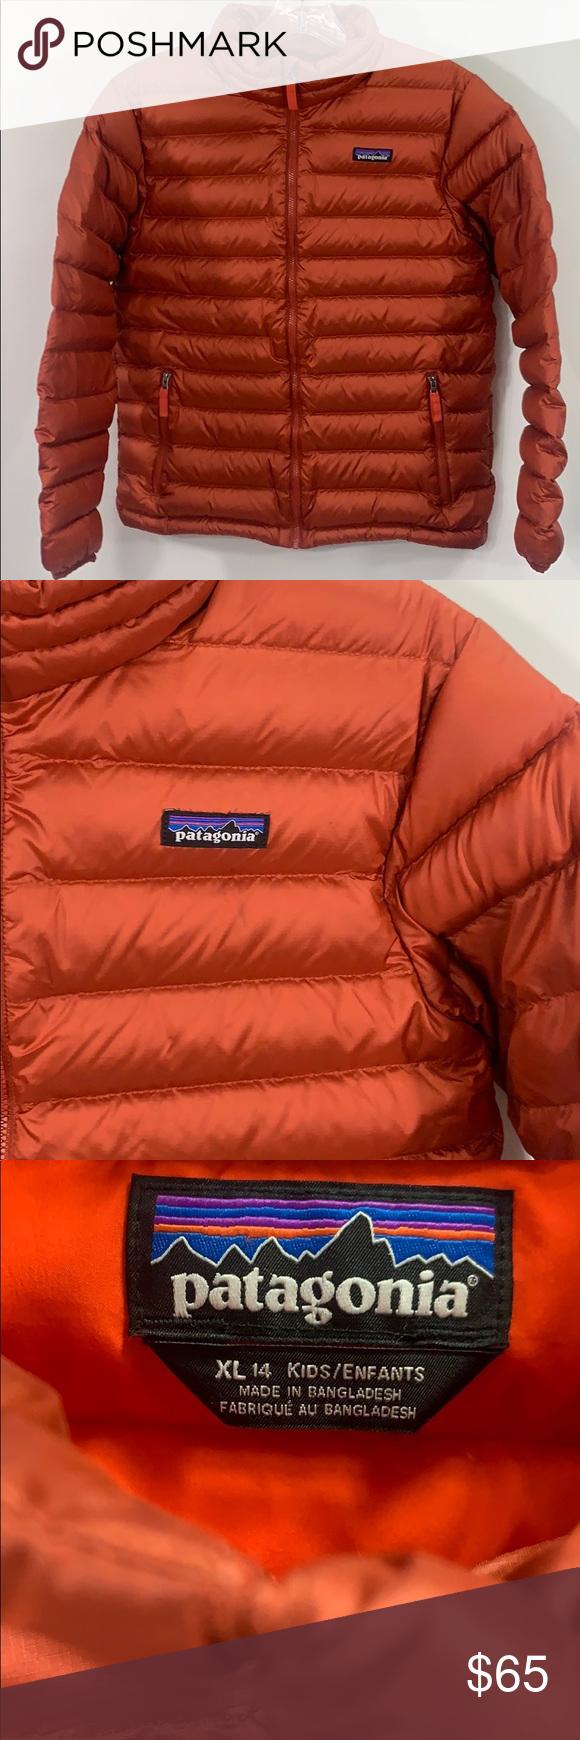 Patagonia kids down puffer jacket Size XL 14 Patagonia